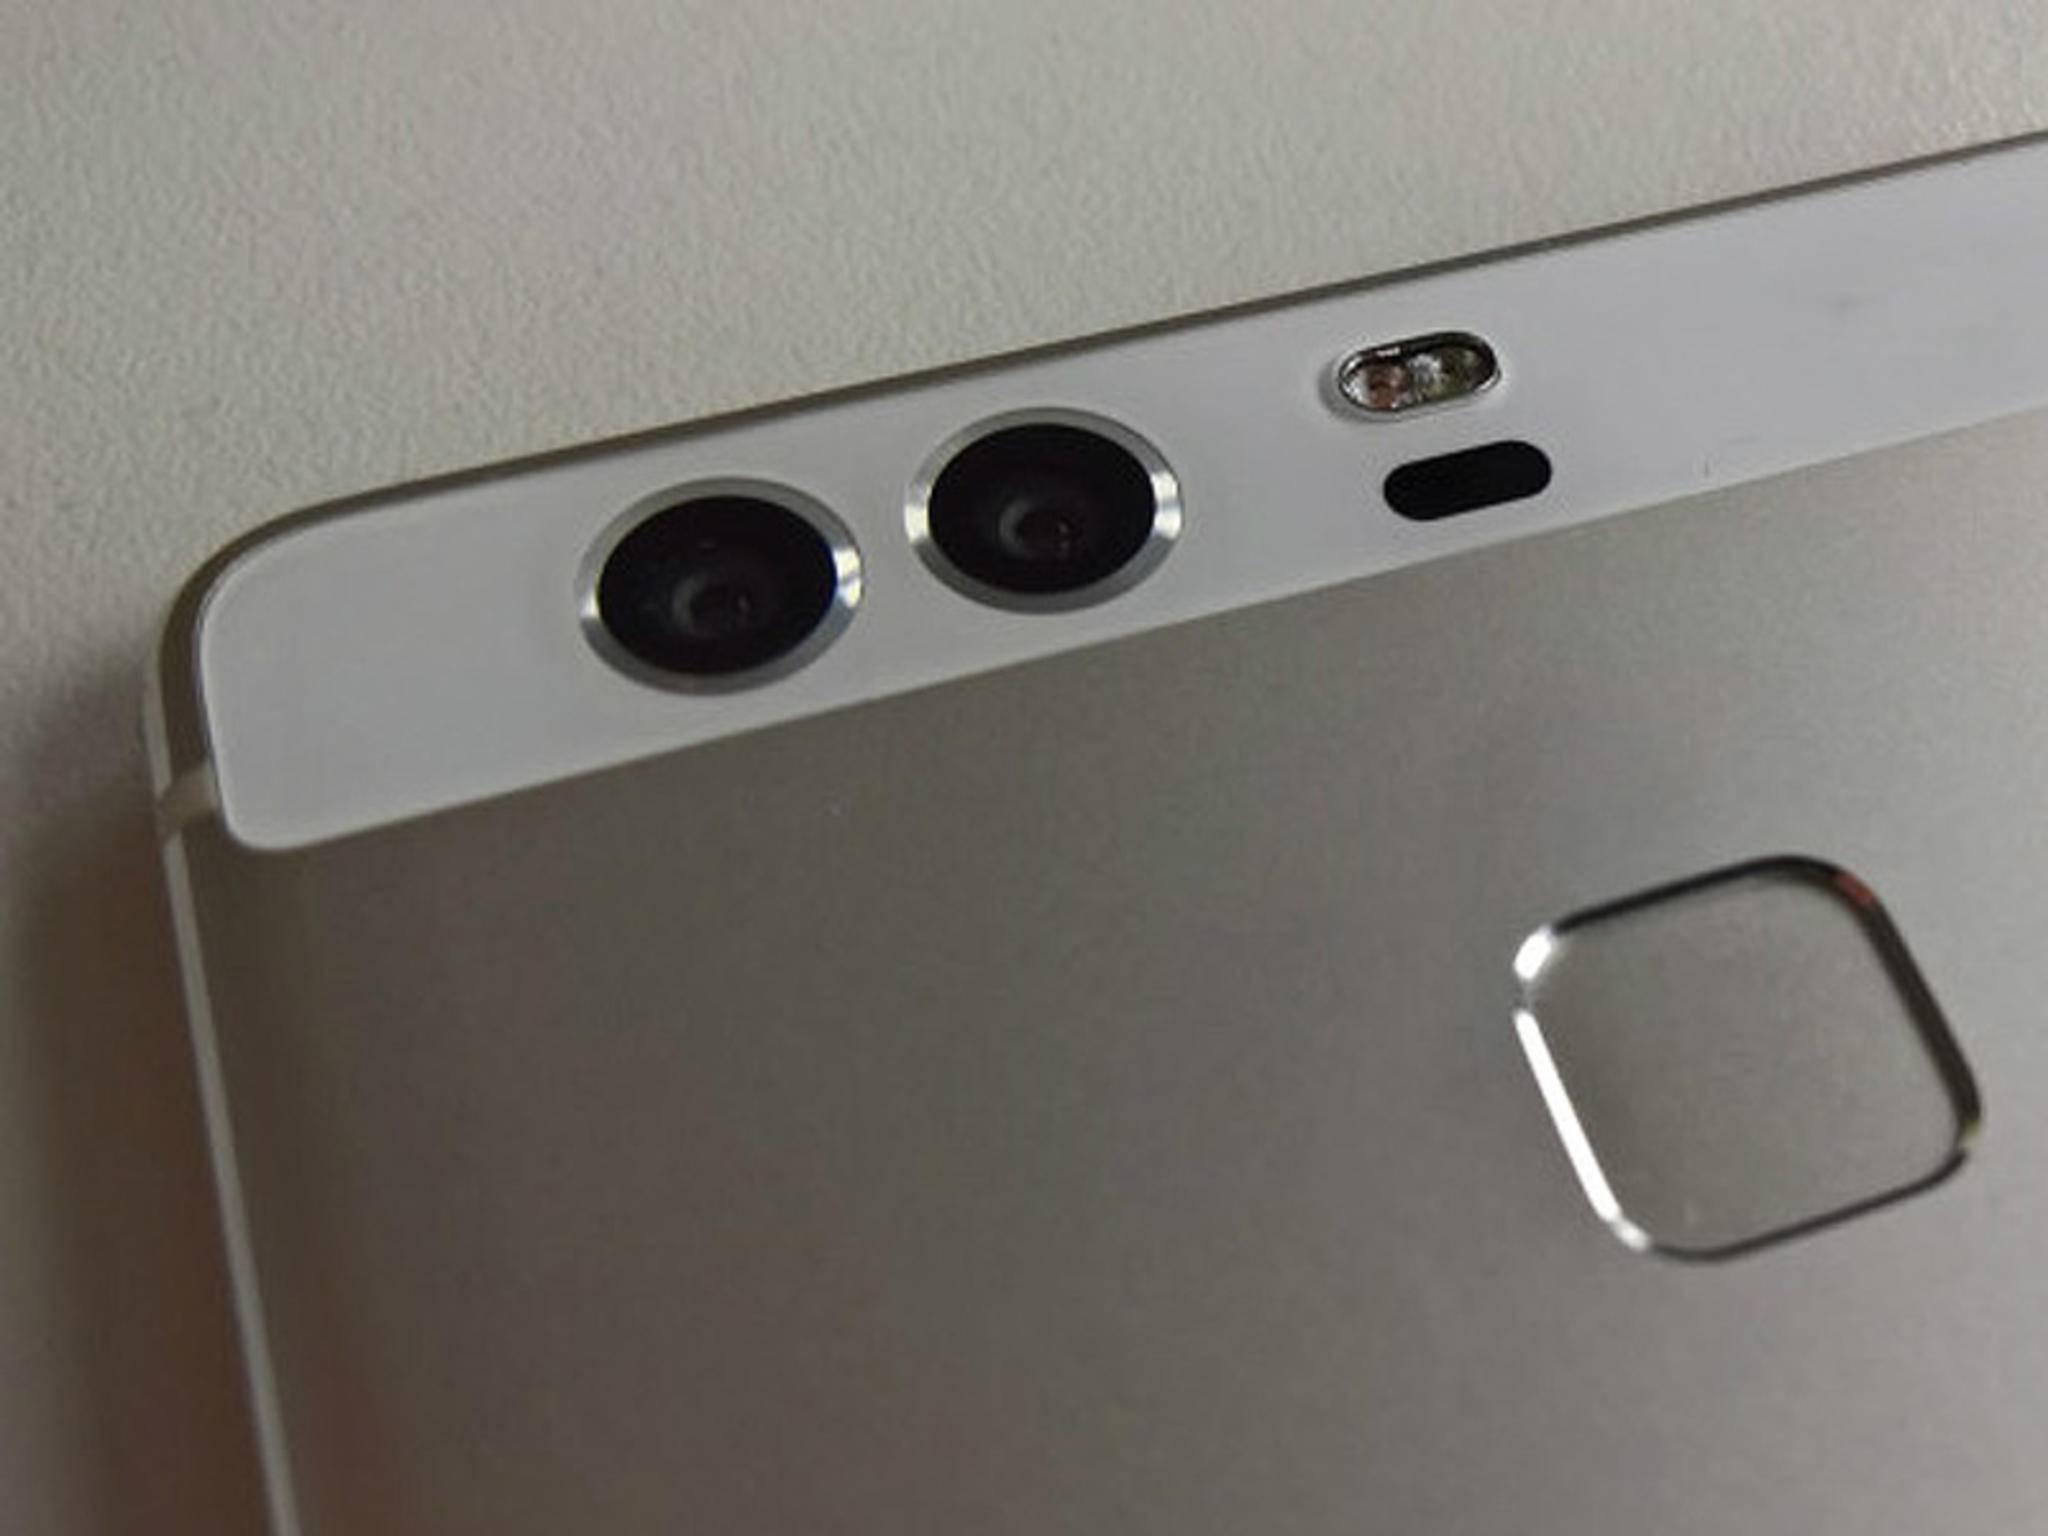 Das Huawei P9 könnte eine Doppellinse haben.